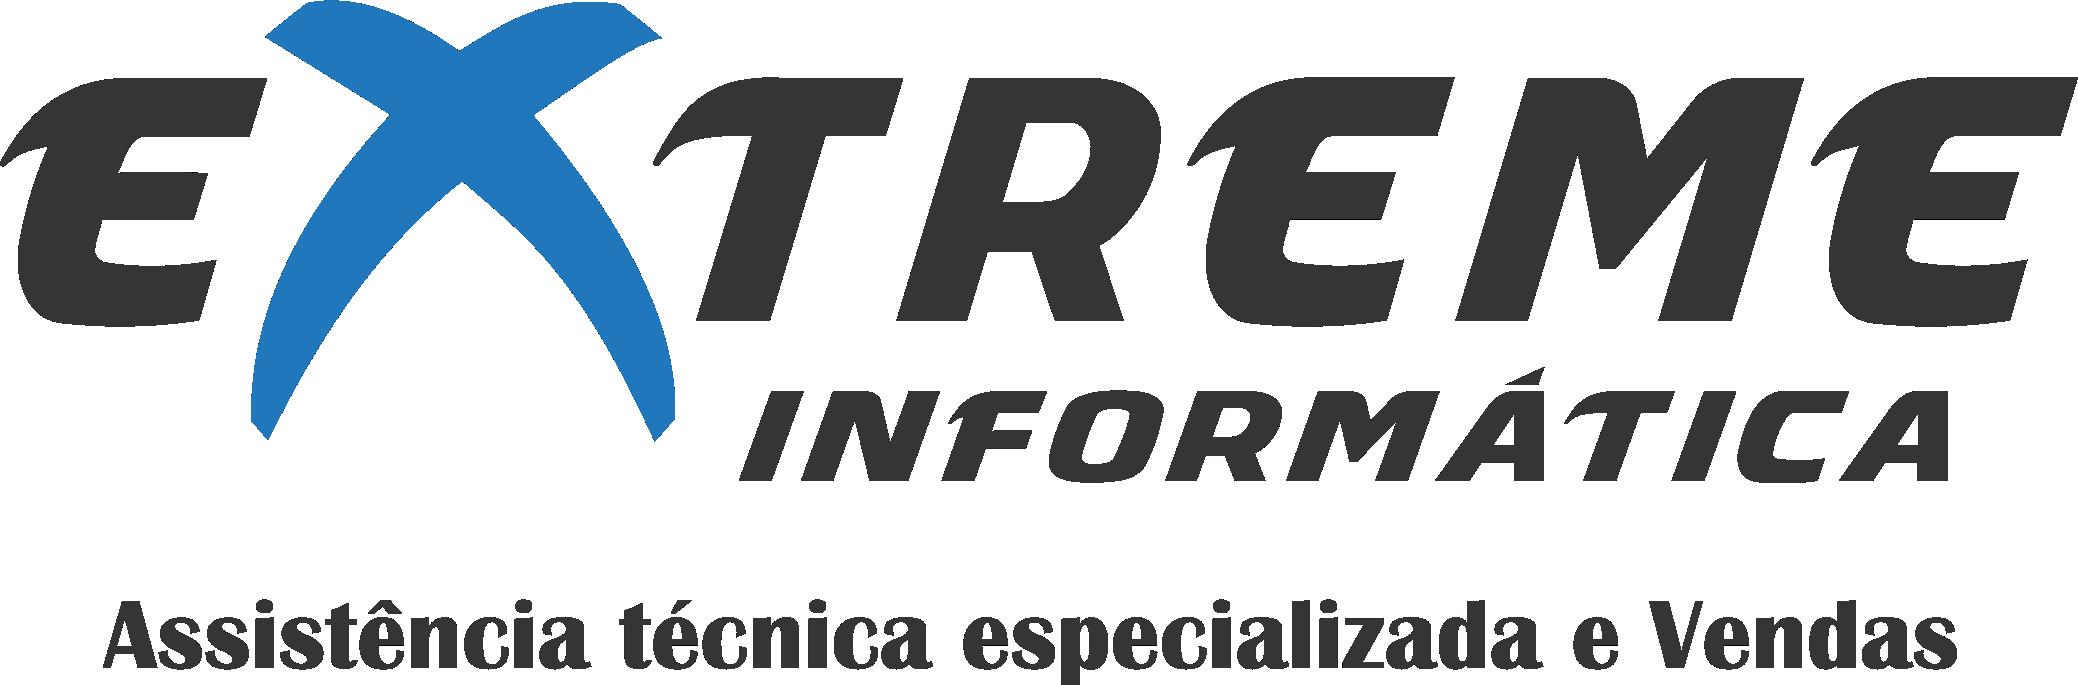 Extreme Informática - Vendas de Cartuchos, Peças e Acessórios para informática